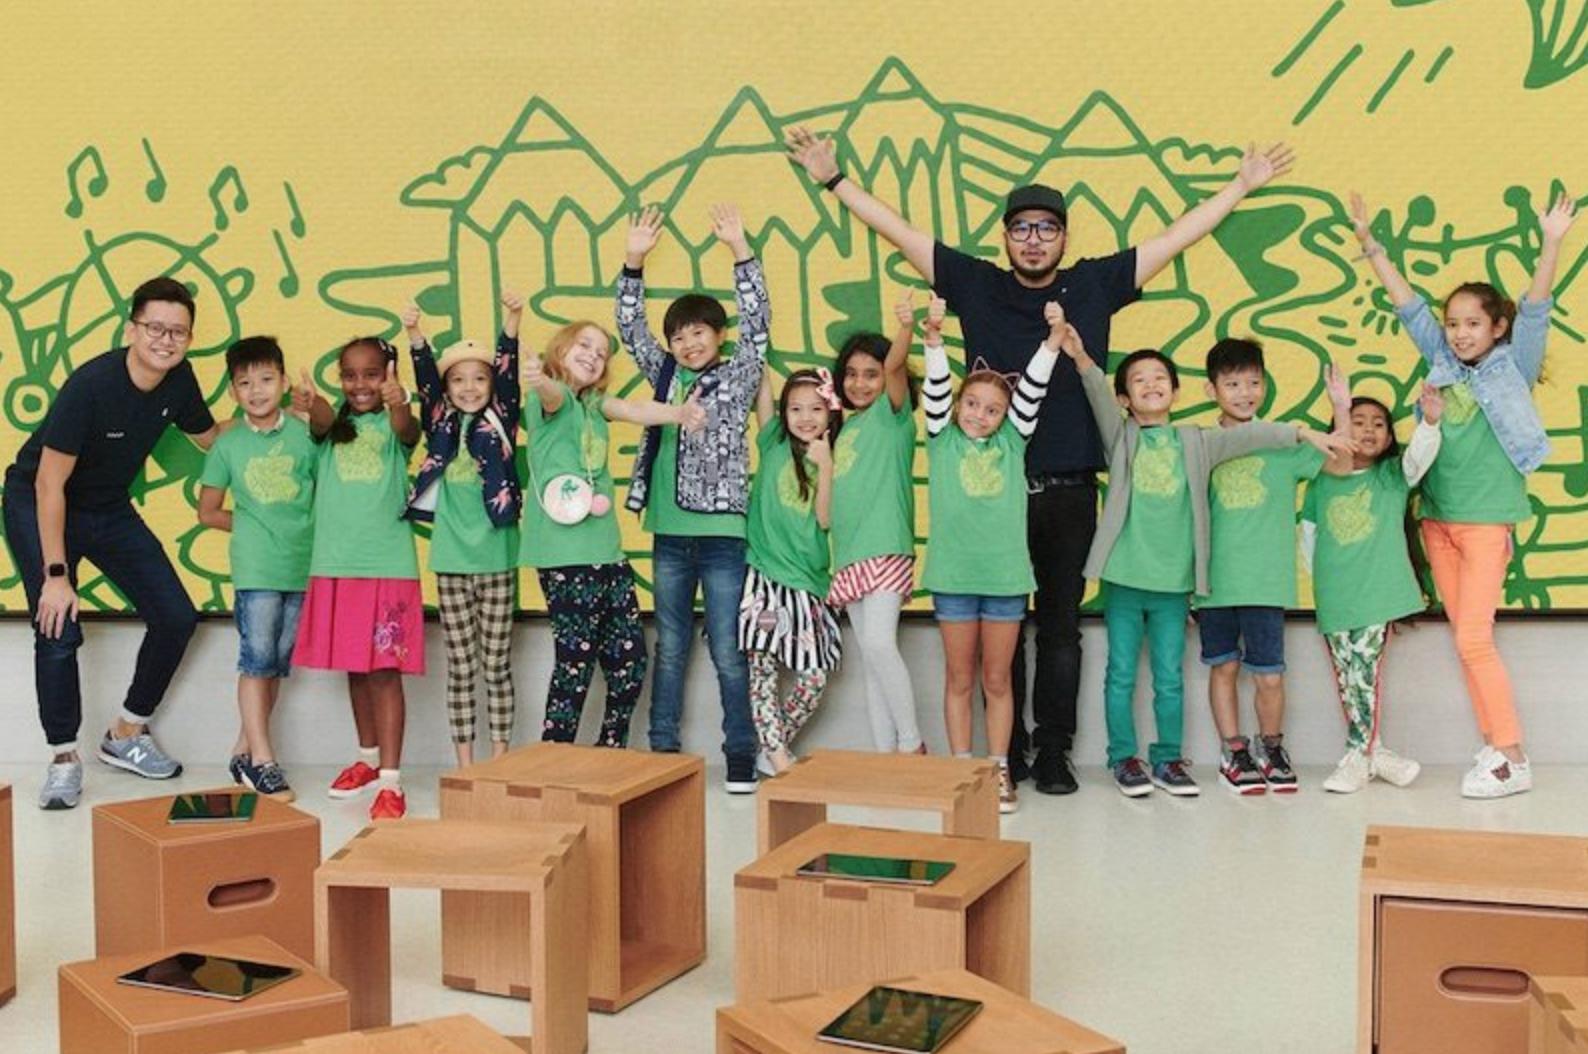 2019 Apple Camp for Kids Registration Opens June 17